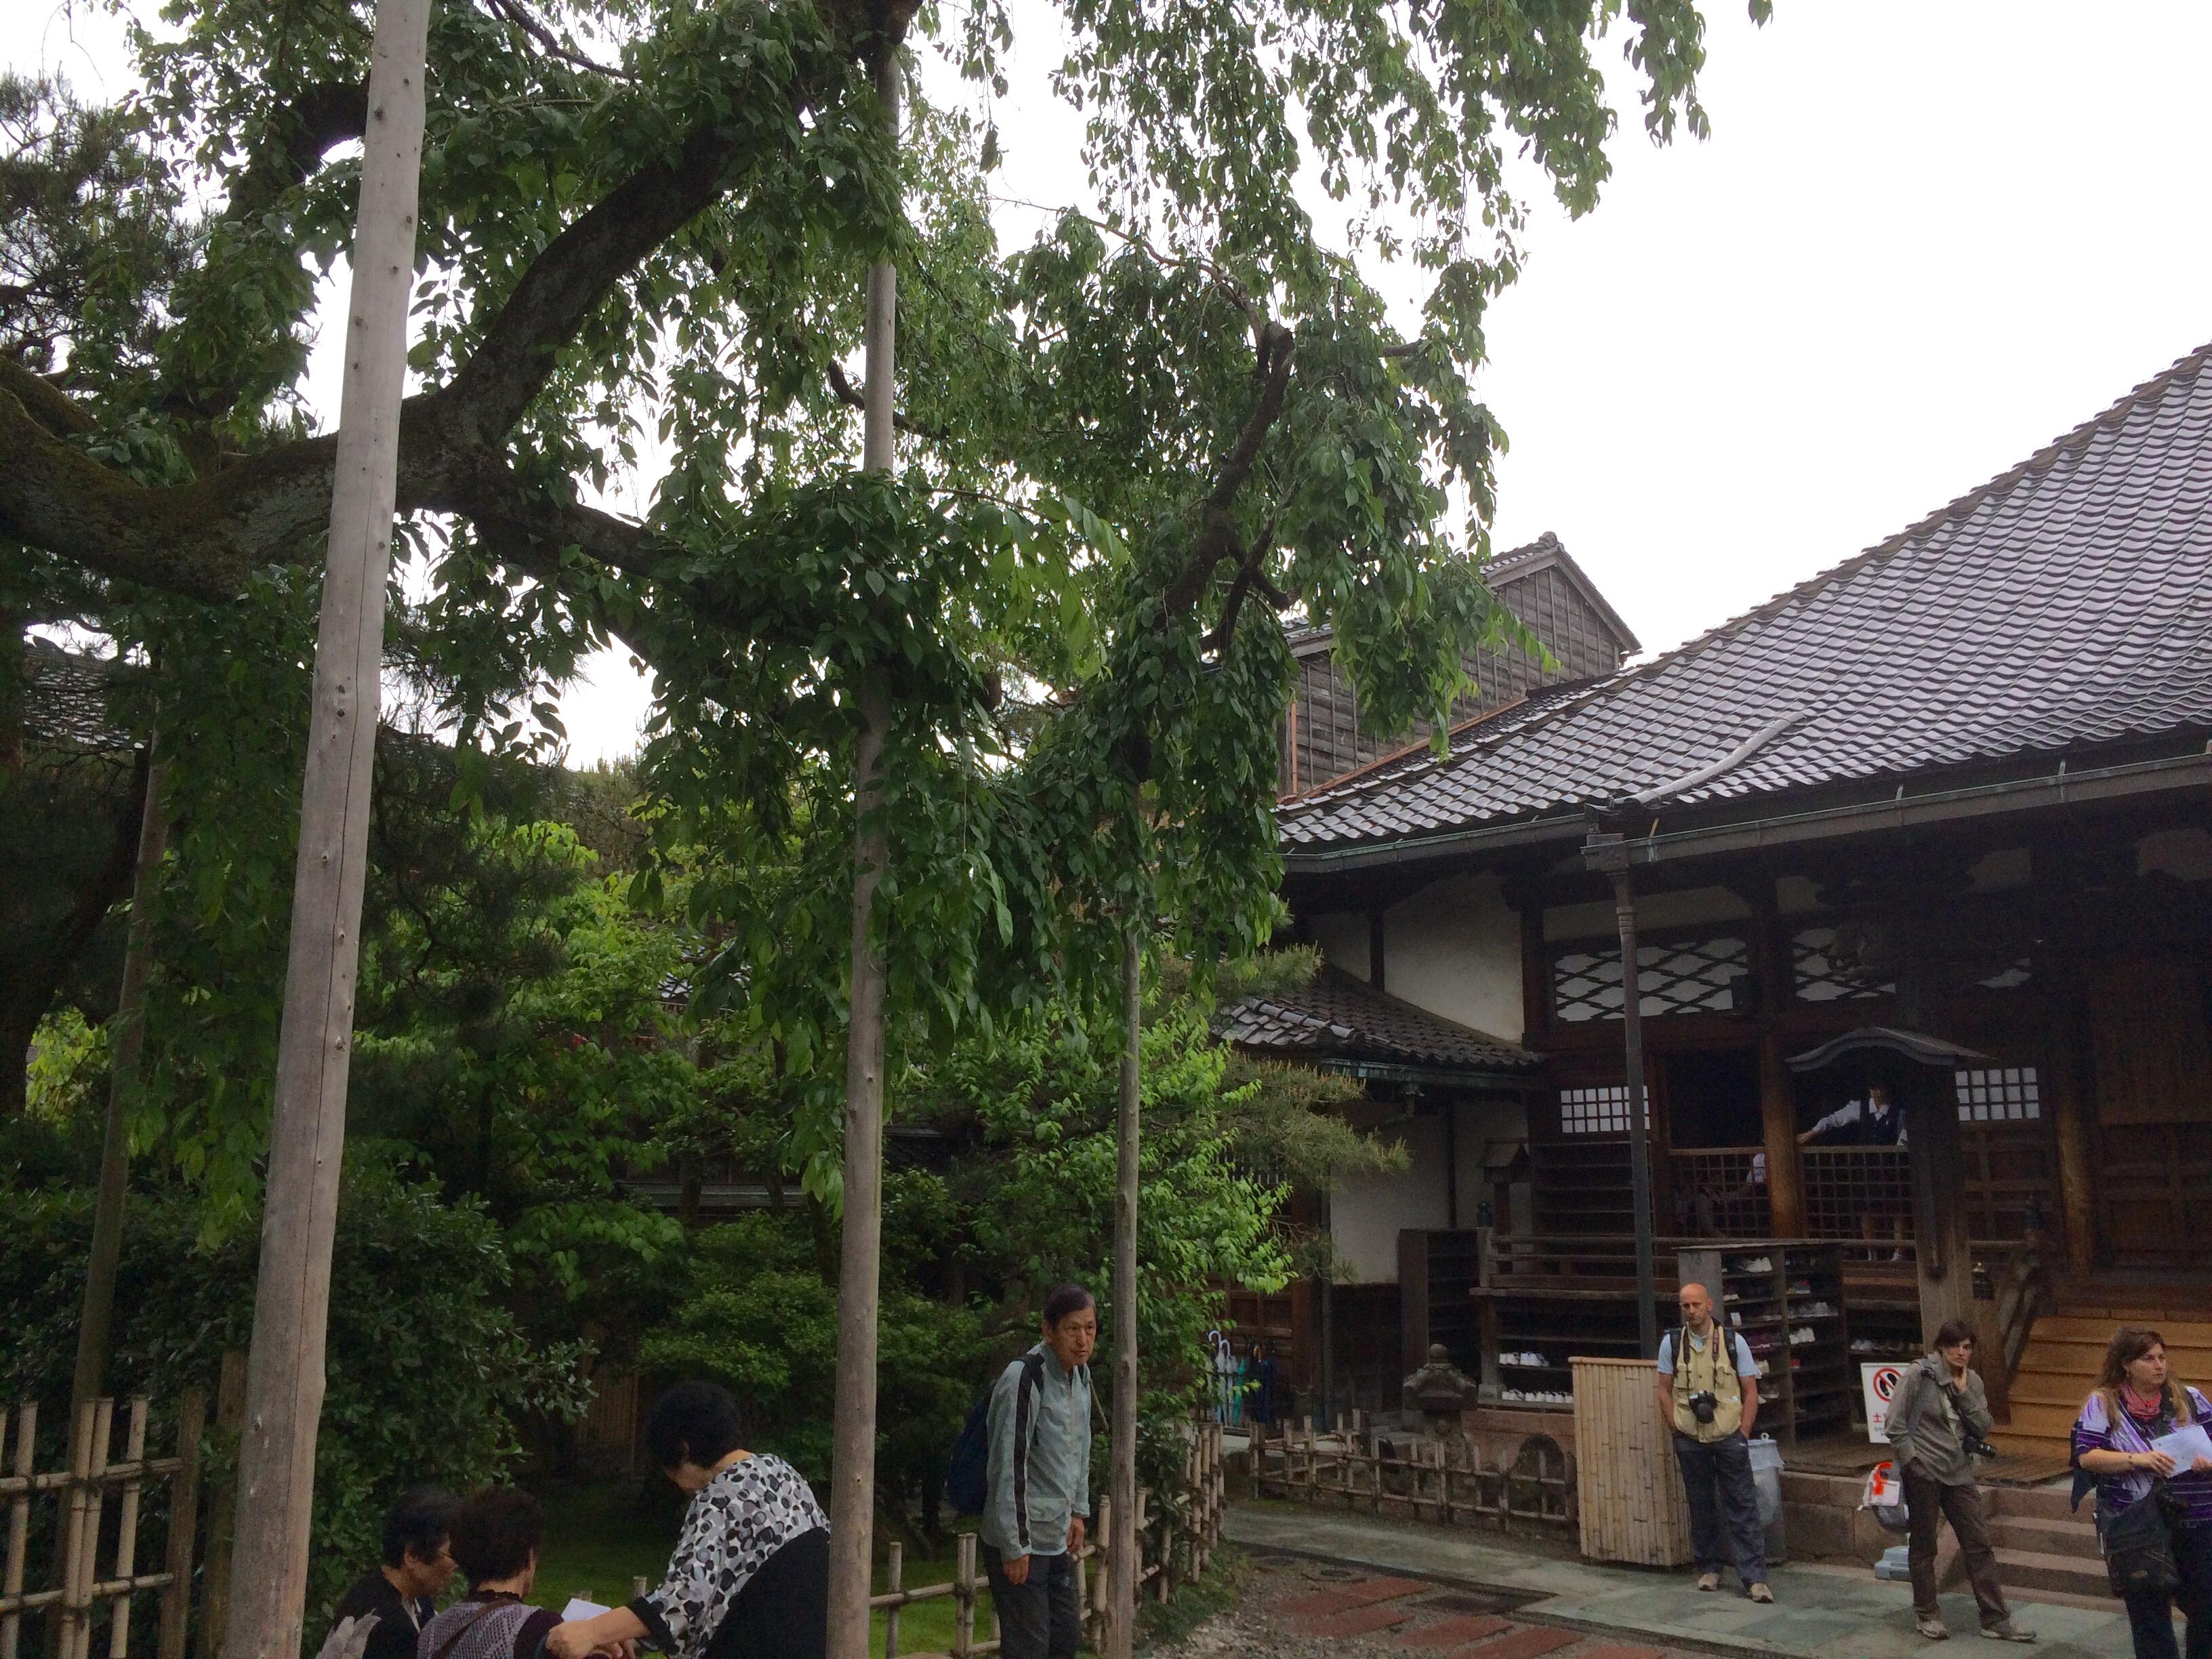 忍者寺-金沢の観光スポット-妙立寺-5